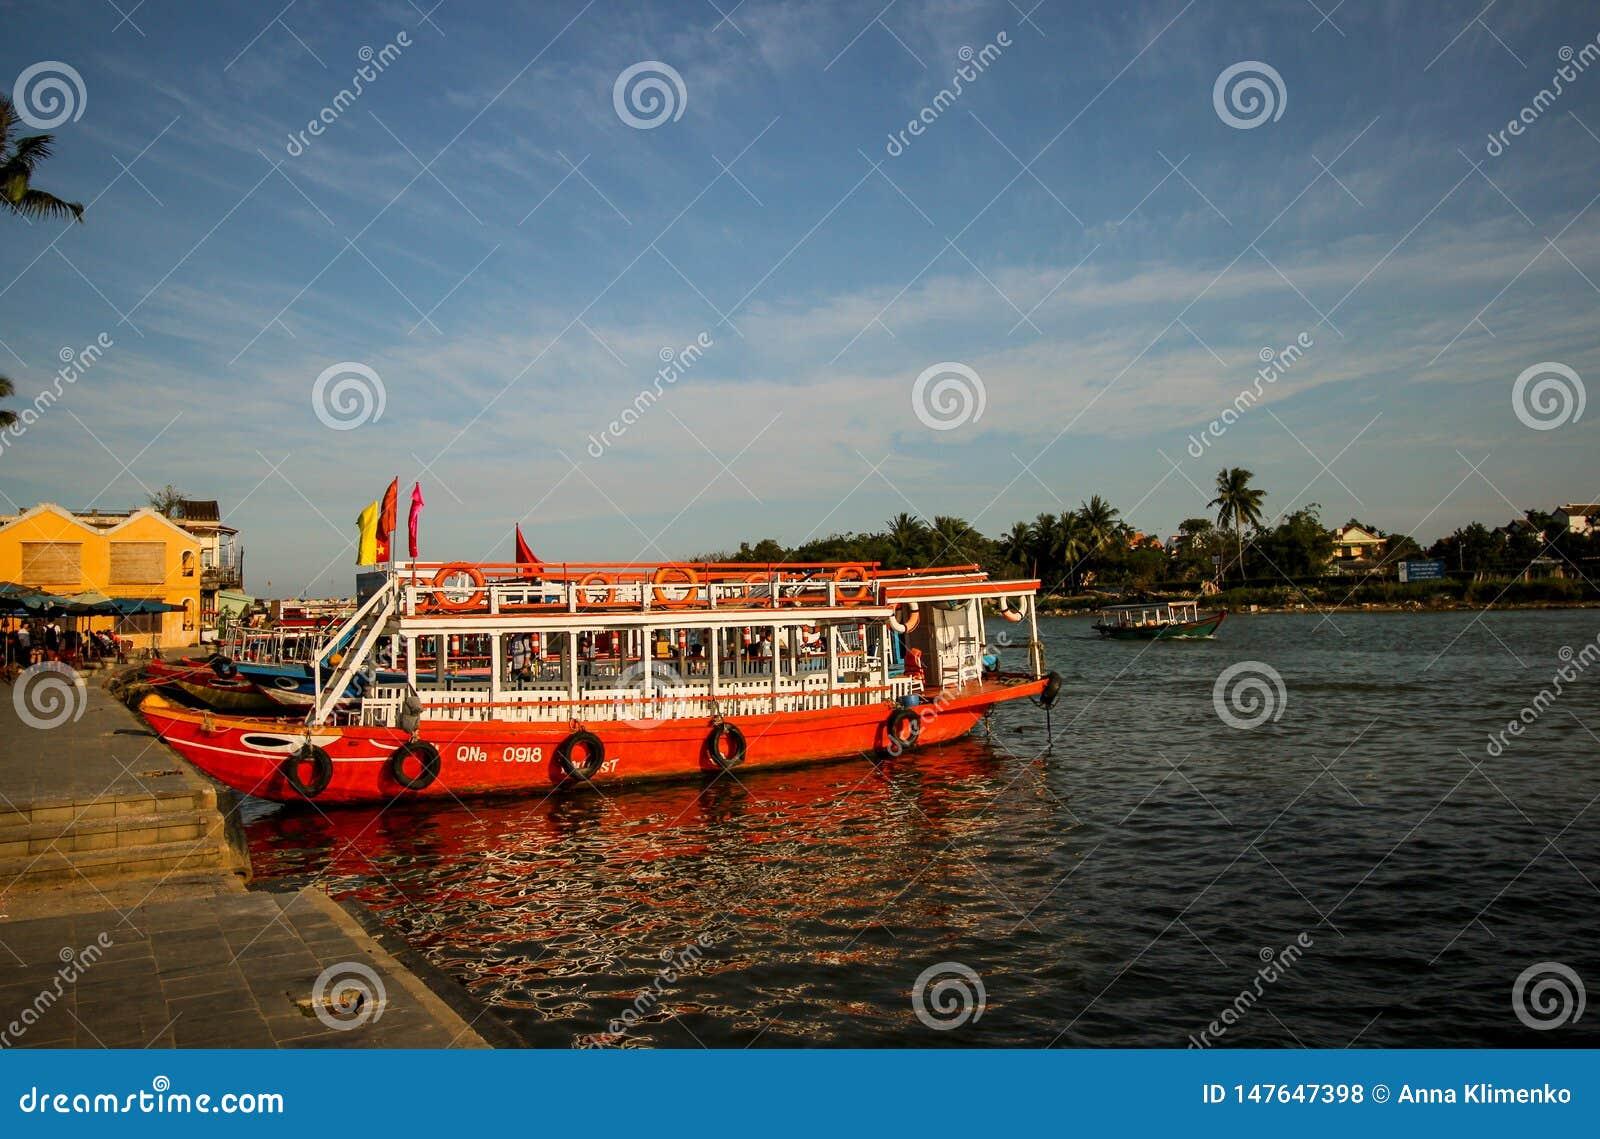 Βάρκες με τα μάτια σε Hoi, Βιετνάμ Μια δημοφιλείς ασιατικές μεταφορά και μια επίσκεψη τουριστών Hoi, Βιετνάμ, το Φεβρουάριο του 2